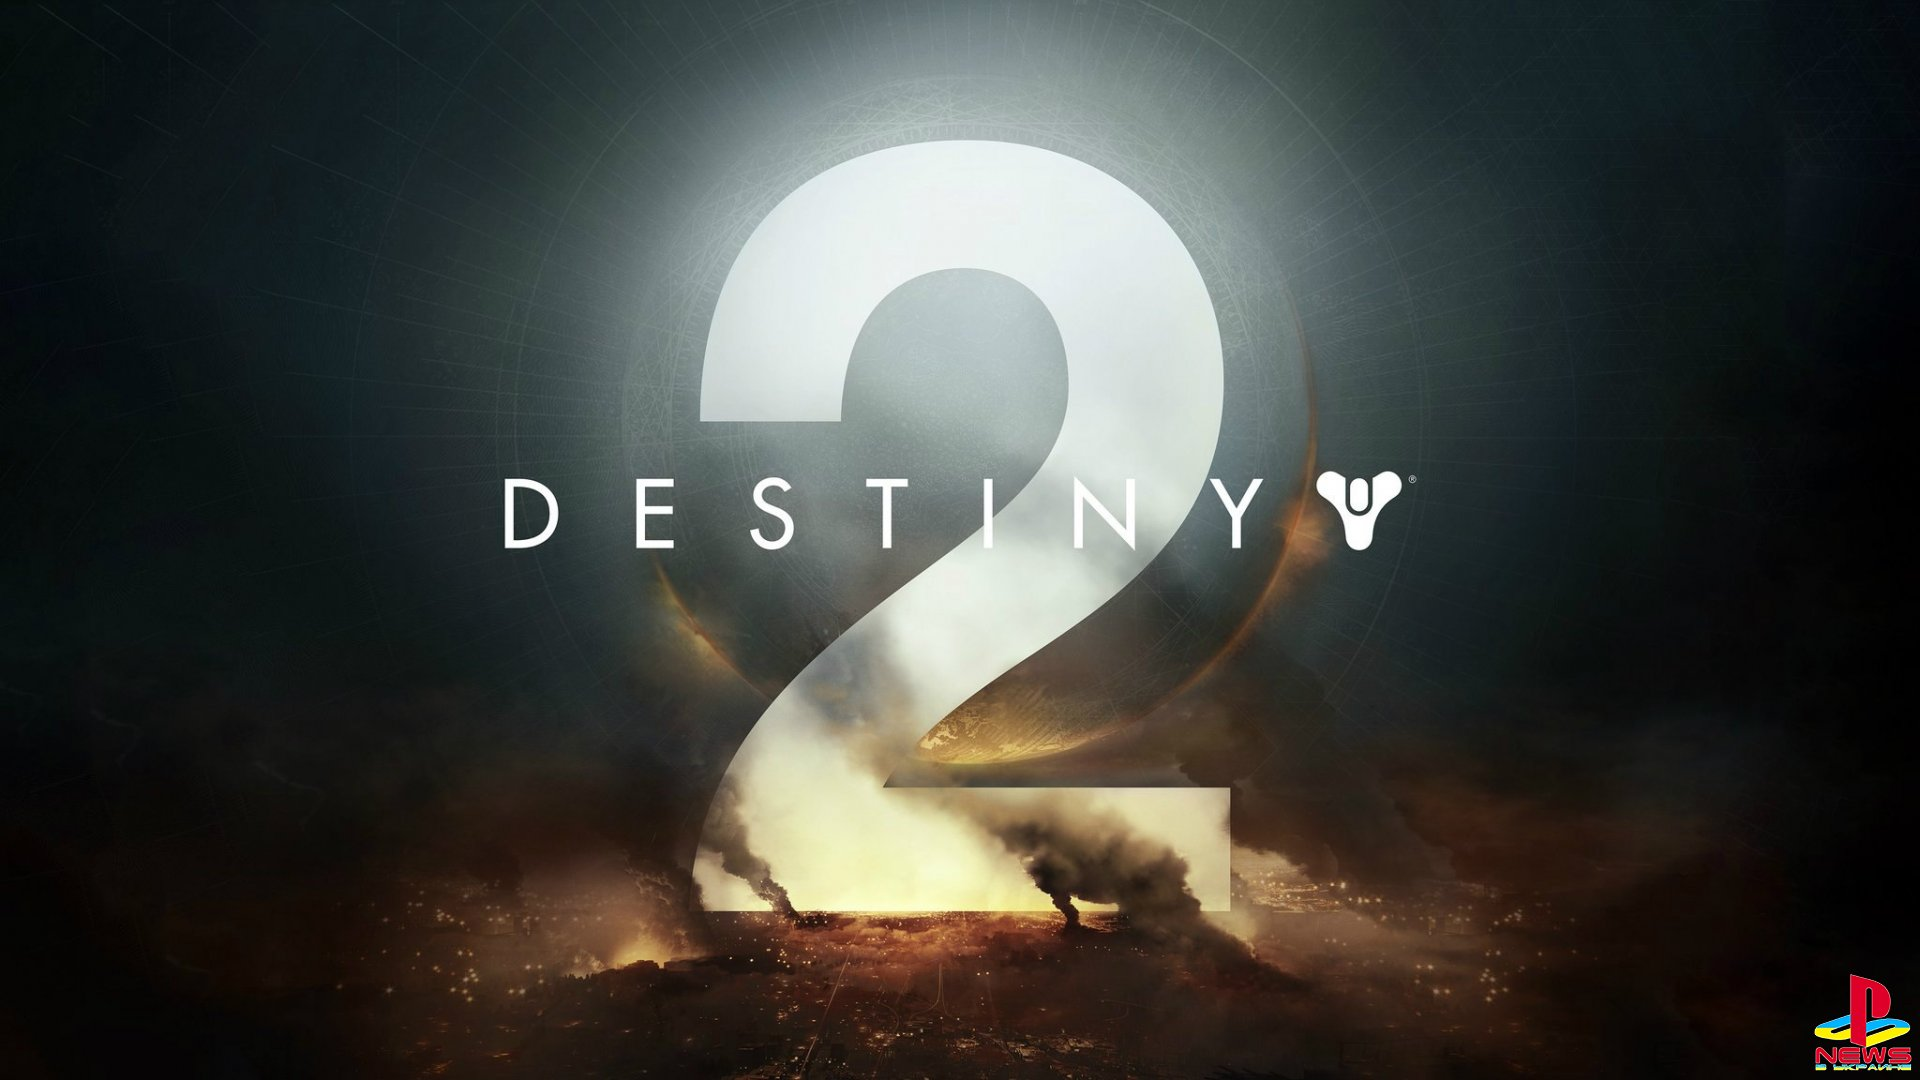 Владельцы PS4 будут раньше остальных получать новый контент для Destiny 2